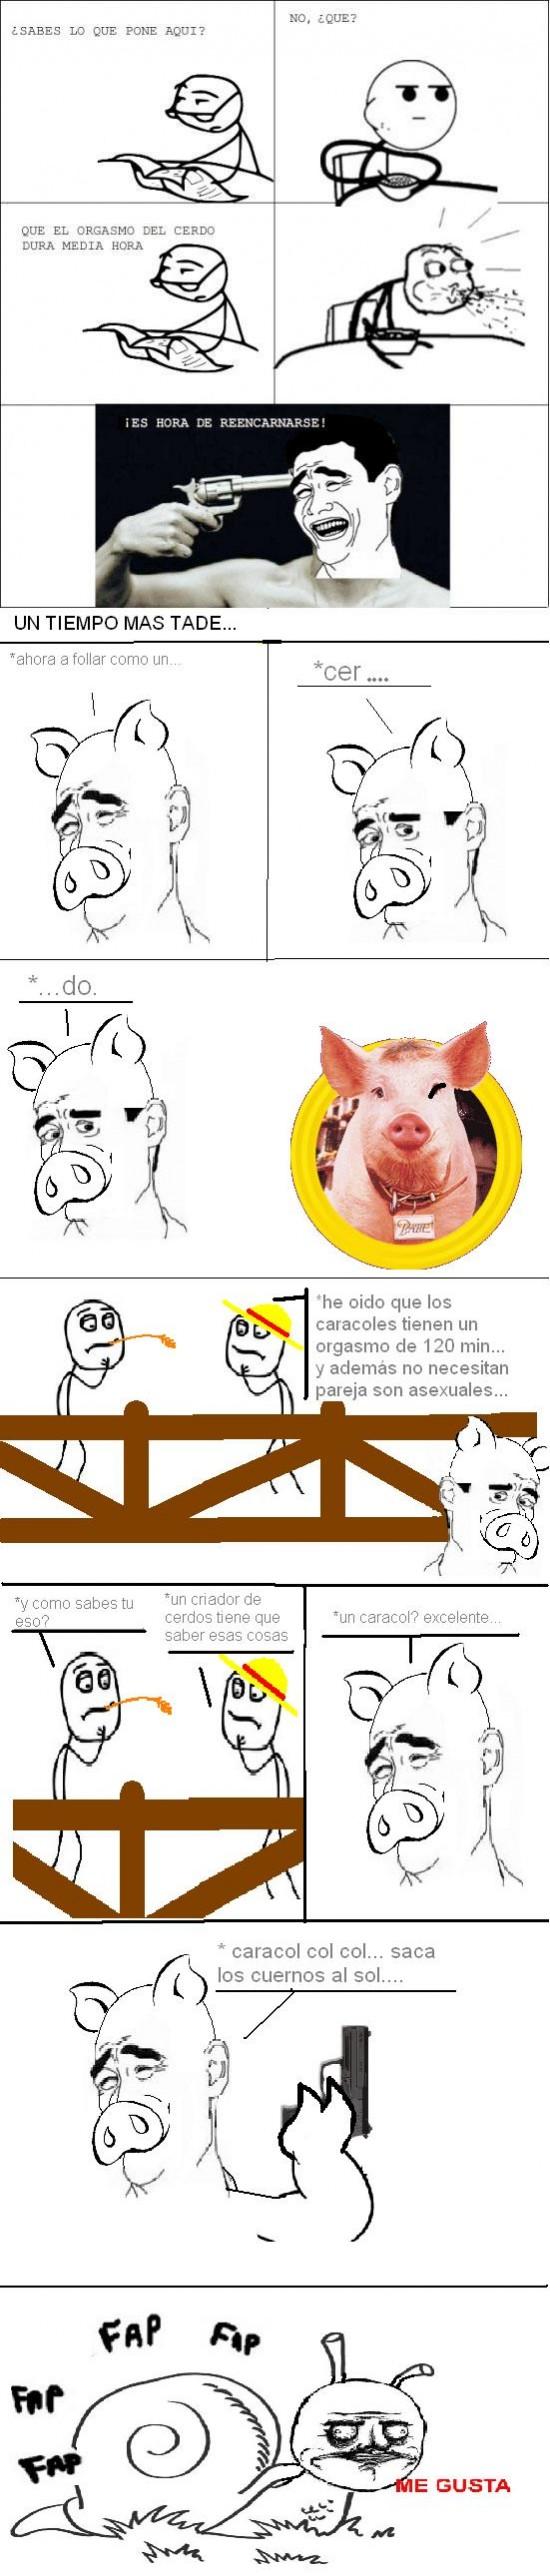 Yao - ¿Más orgasmos que un cerdo?